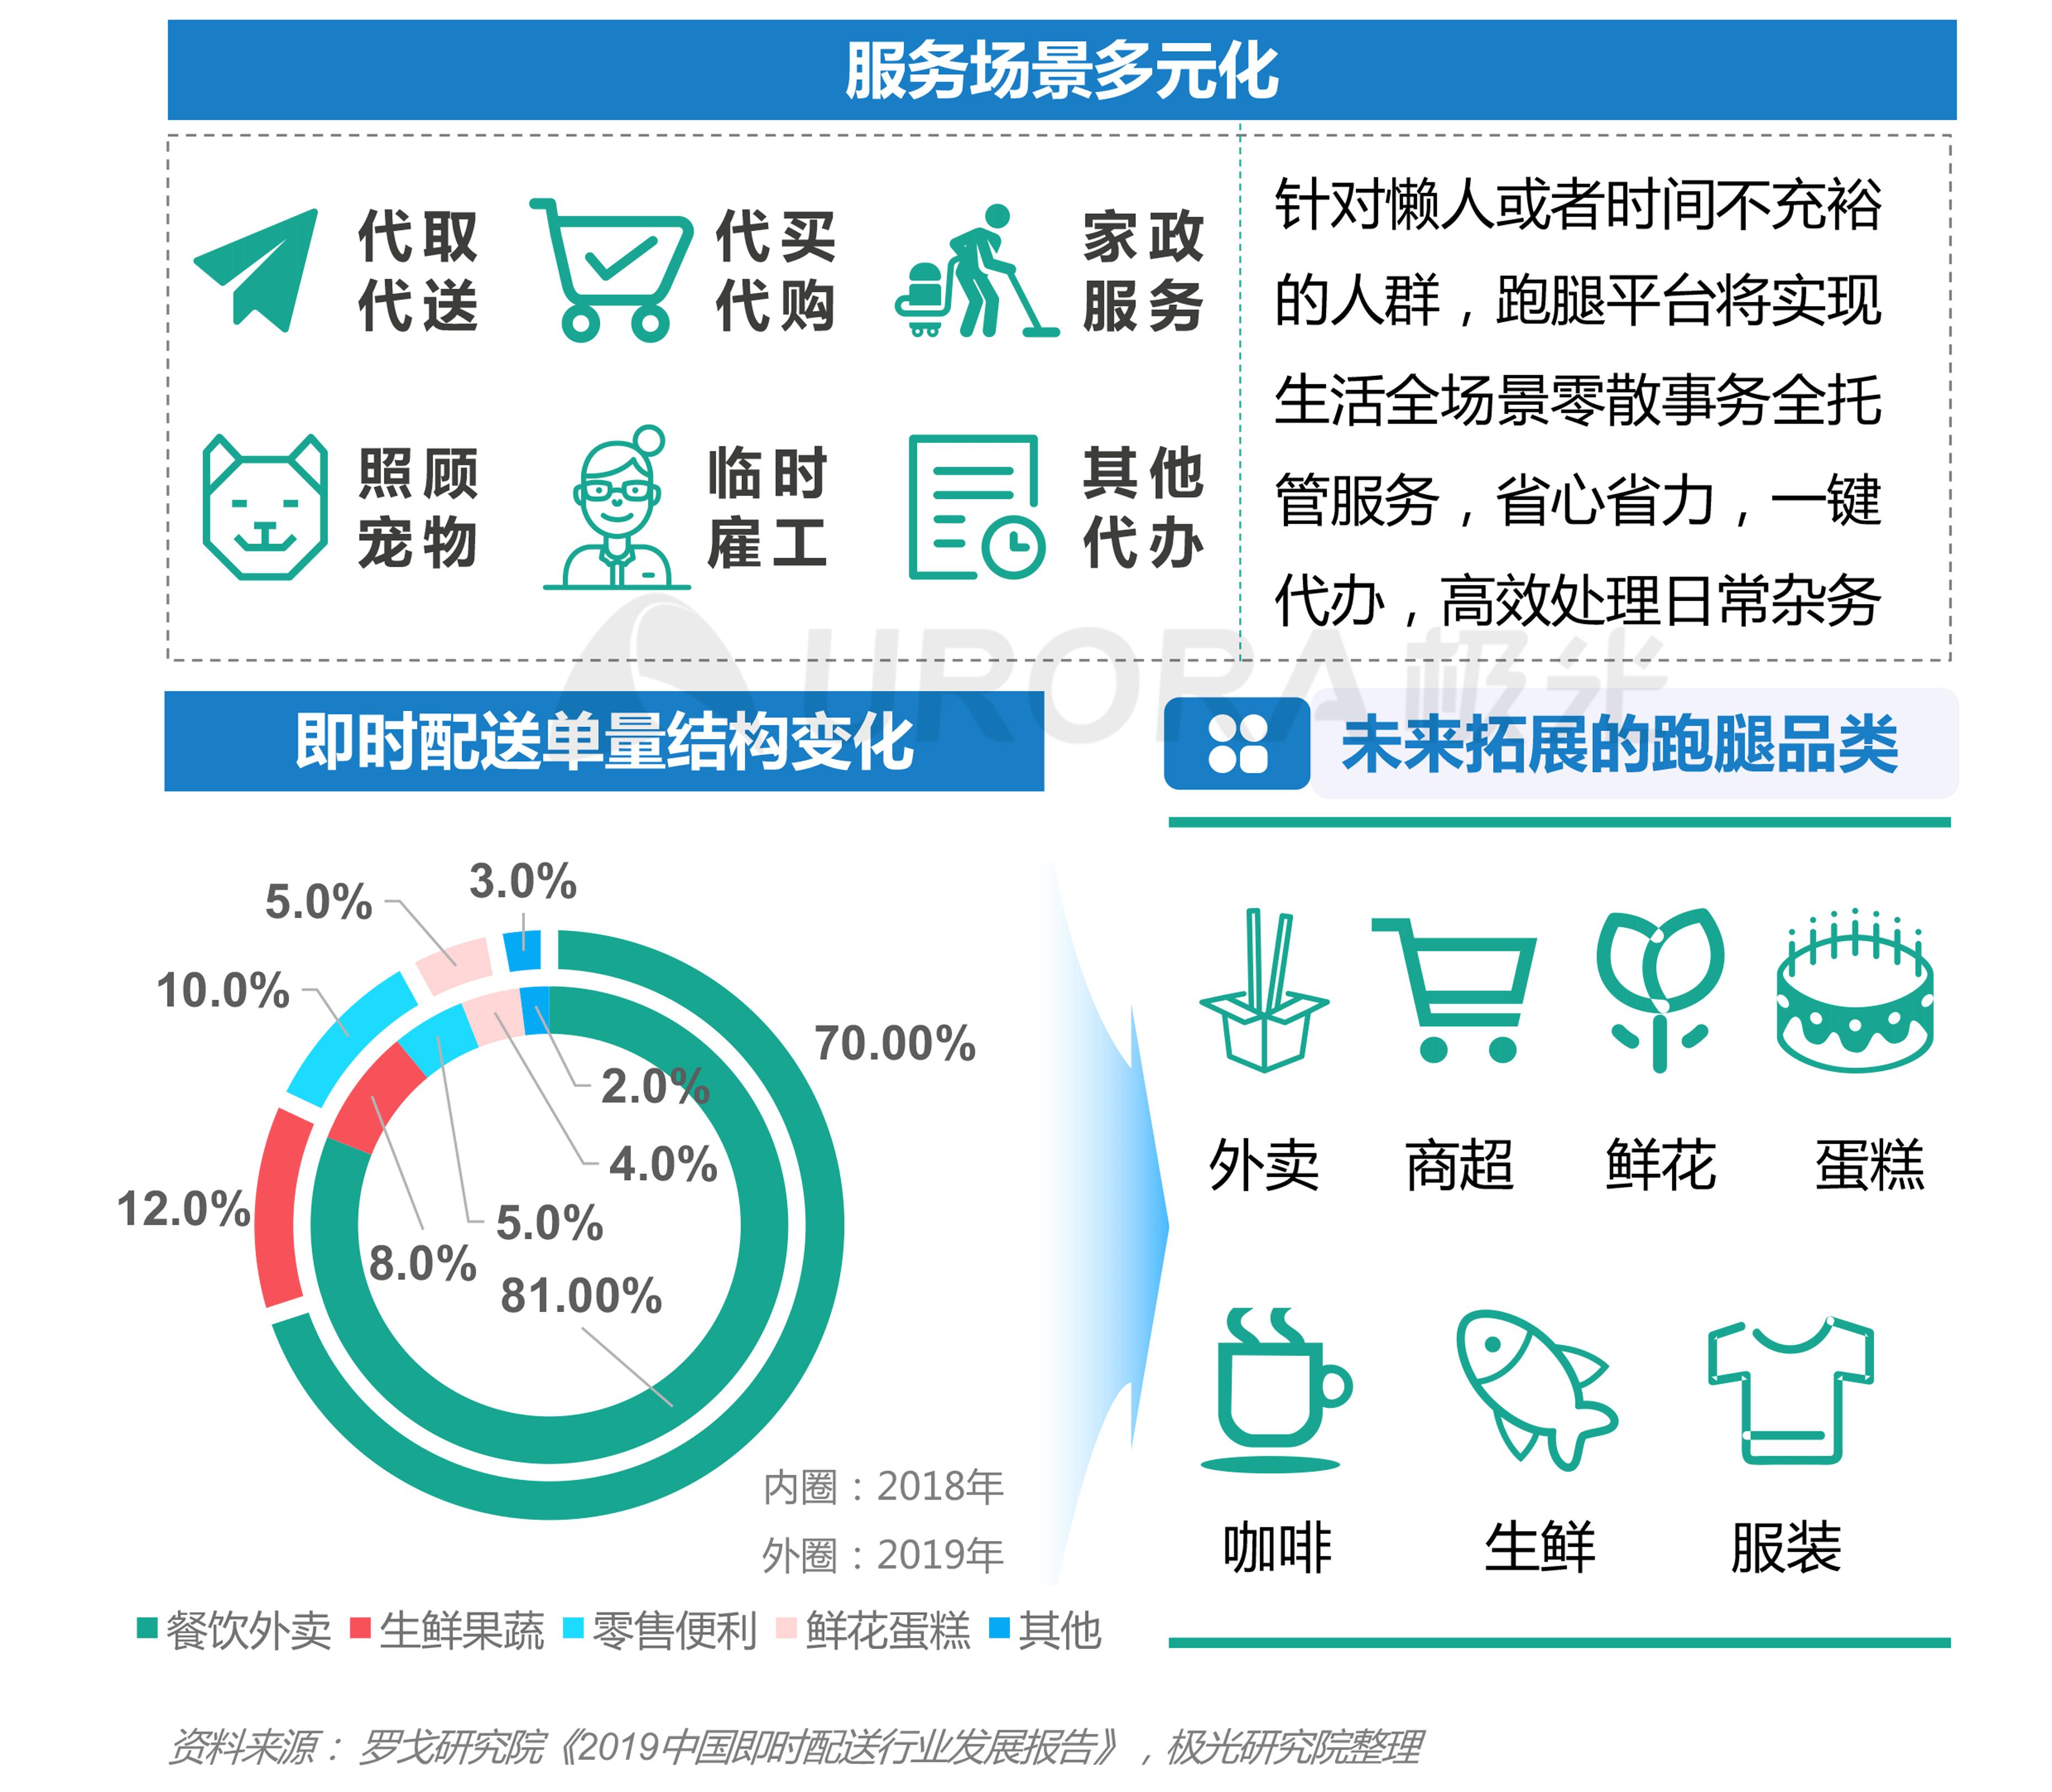 极光:2020年疫情后跑腿行业研究报告 (17).png